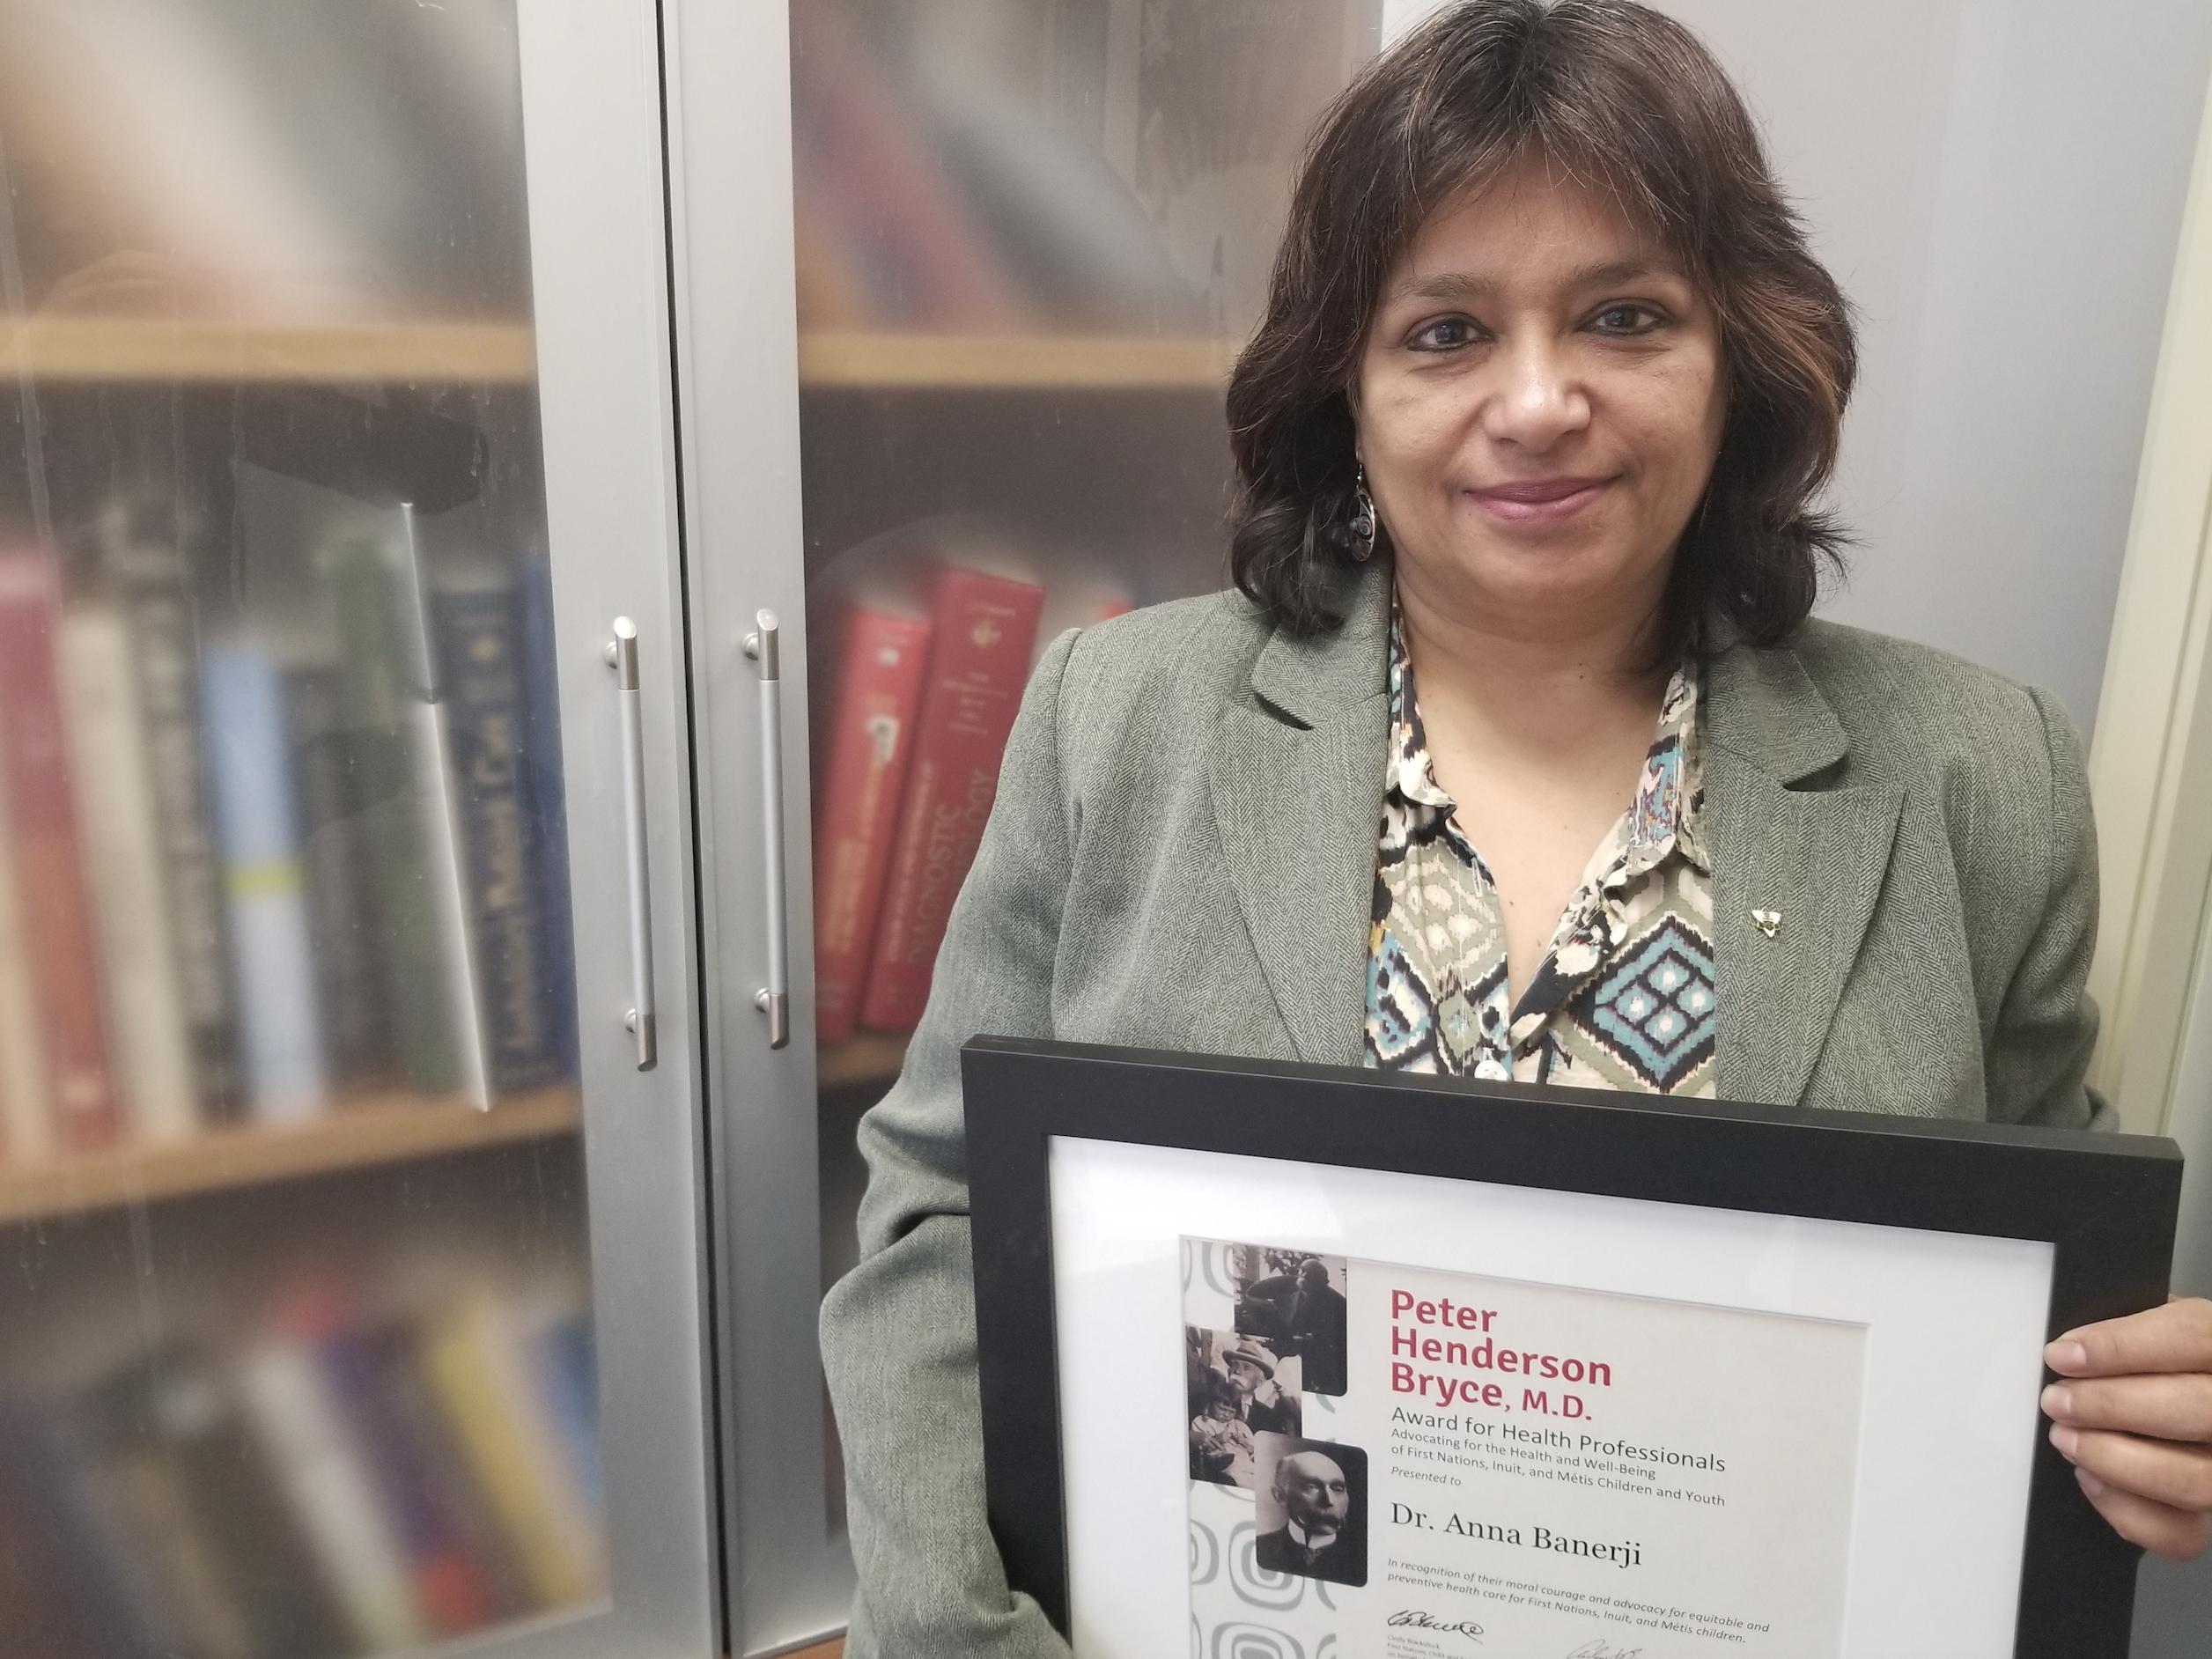 Dr. Anna Banerji